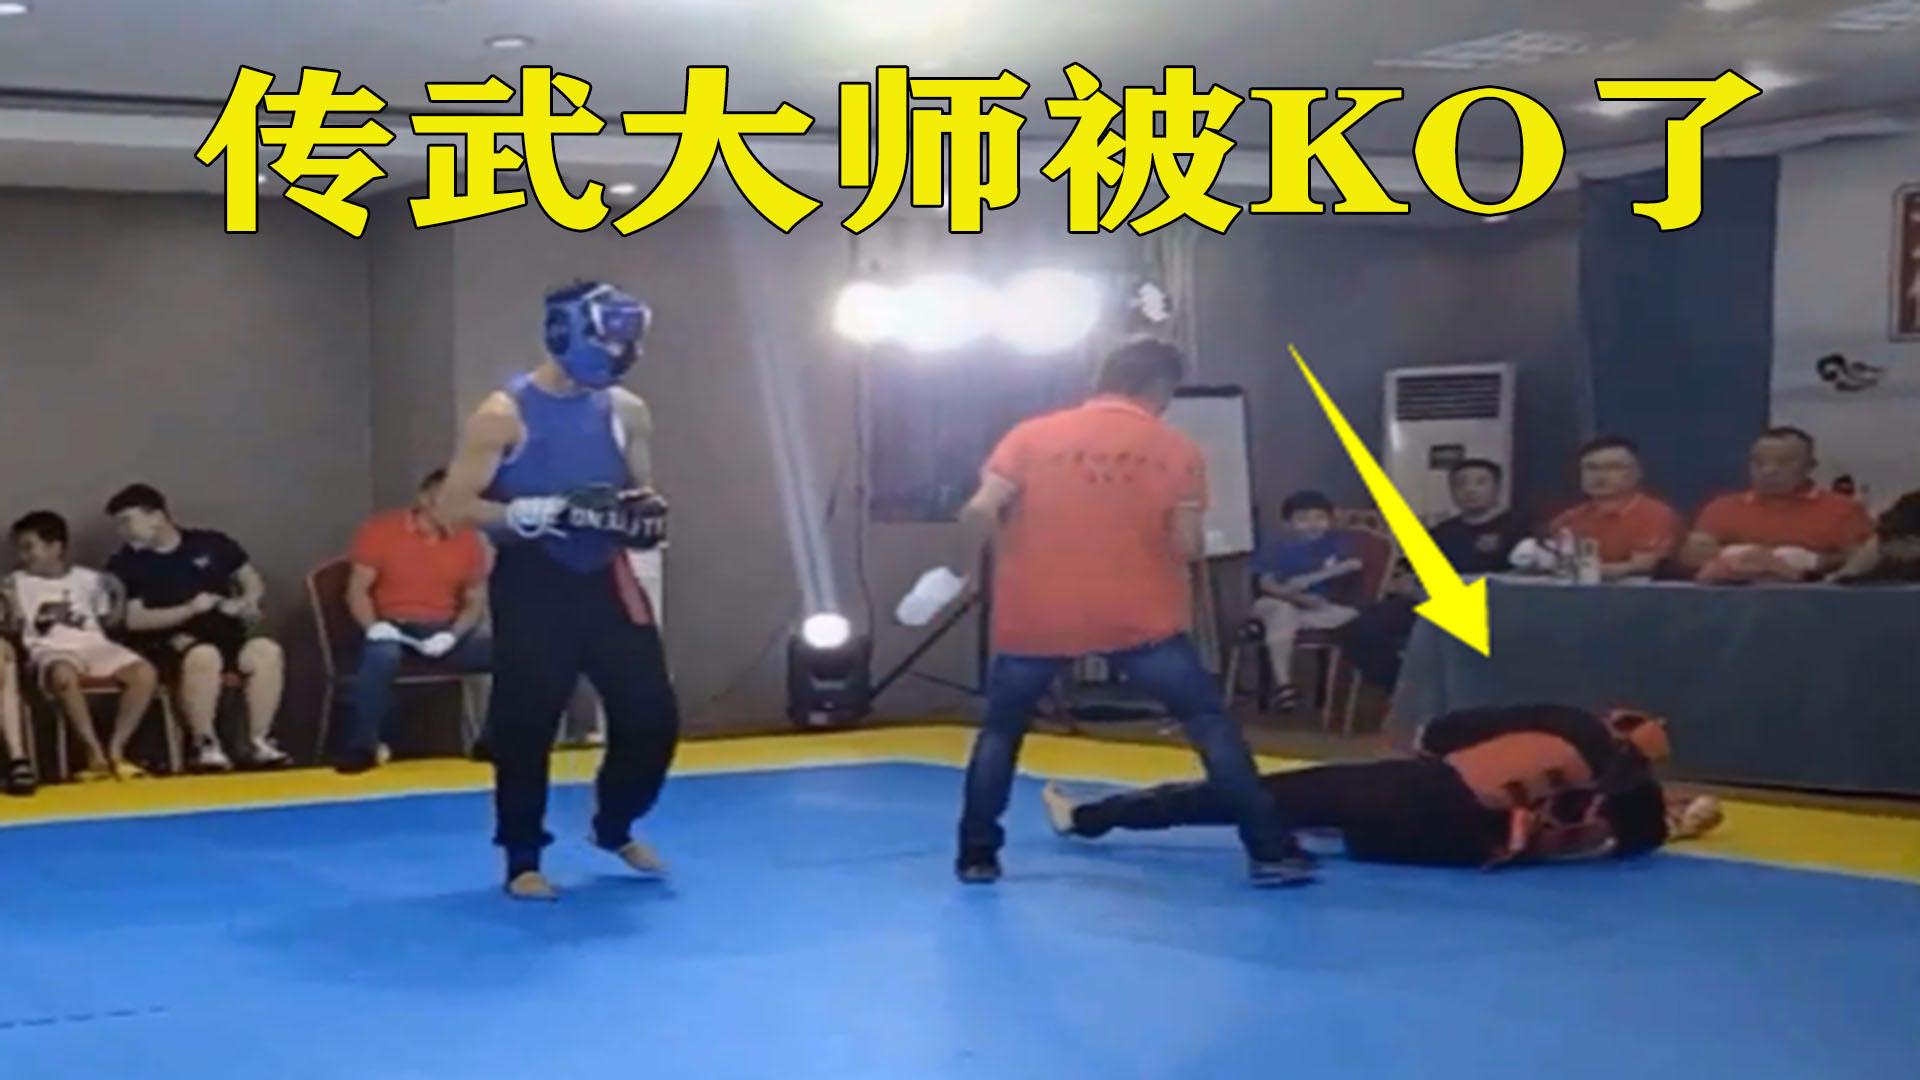 不要脸?41岁咏春大师激怒李小龙模仿者,结果被三次击倒踢飞KO了